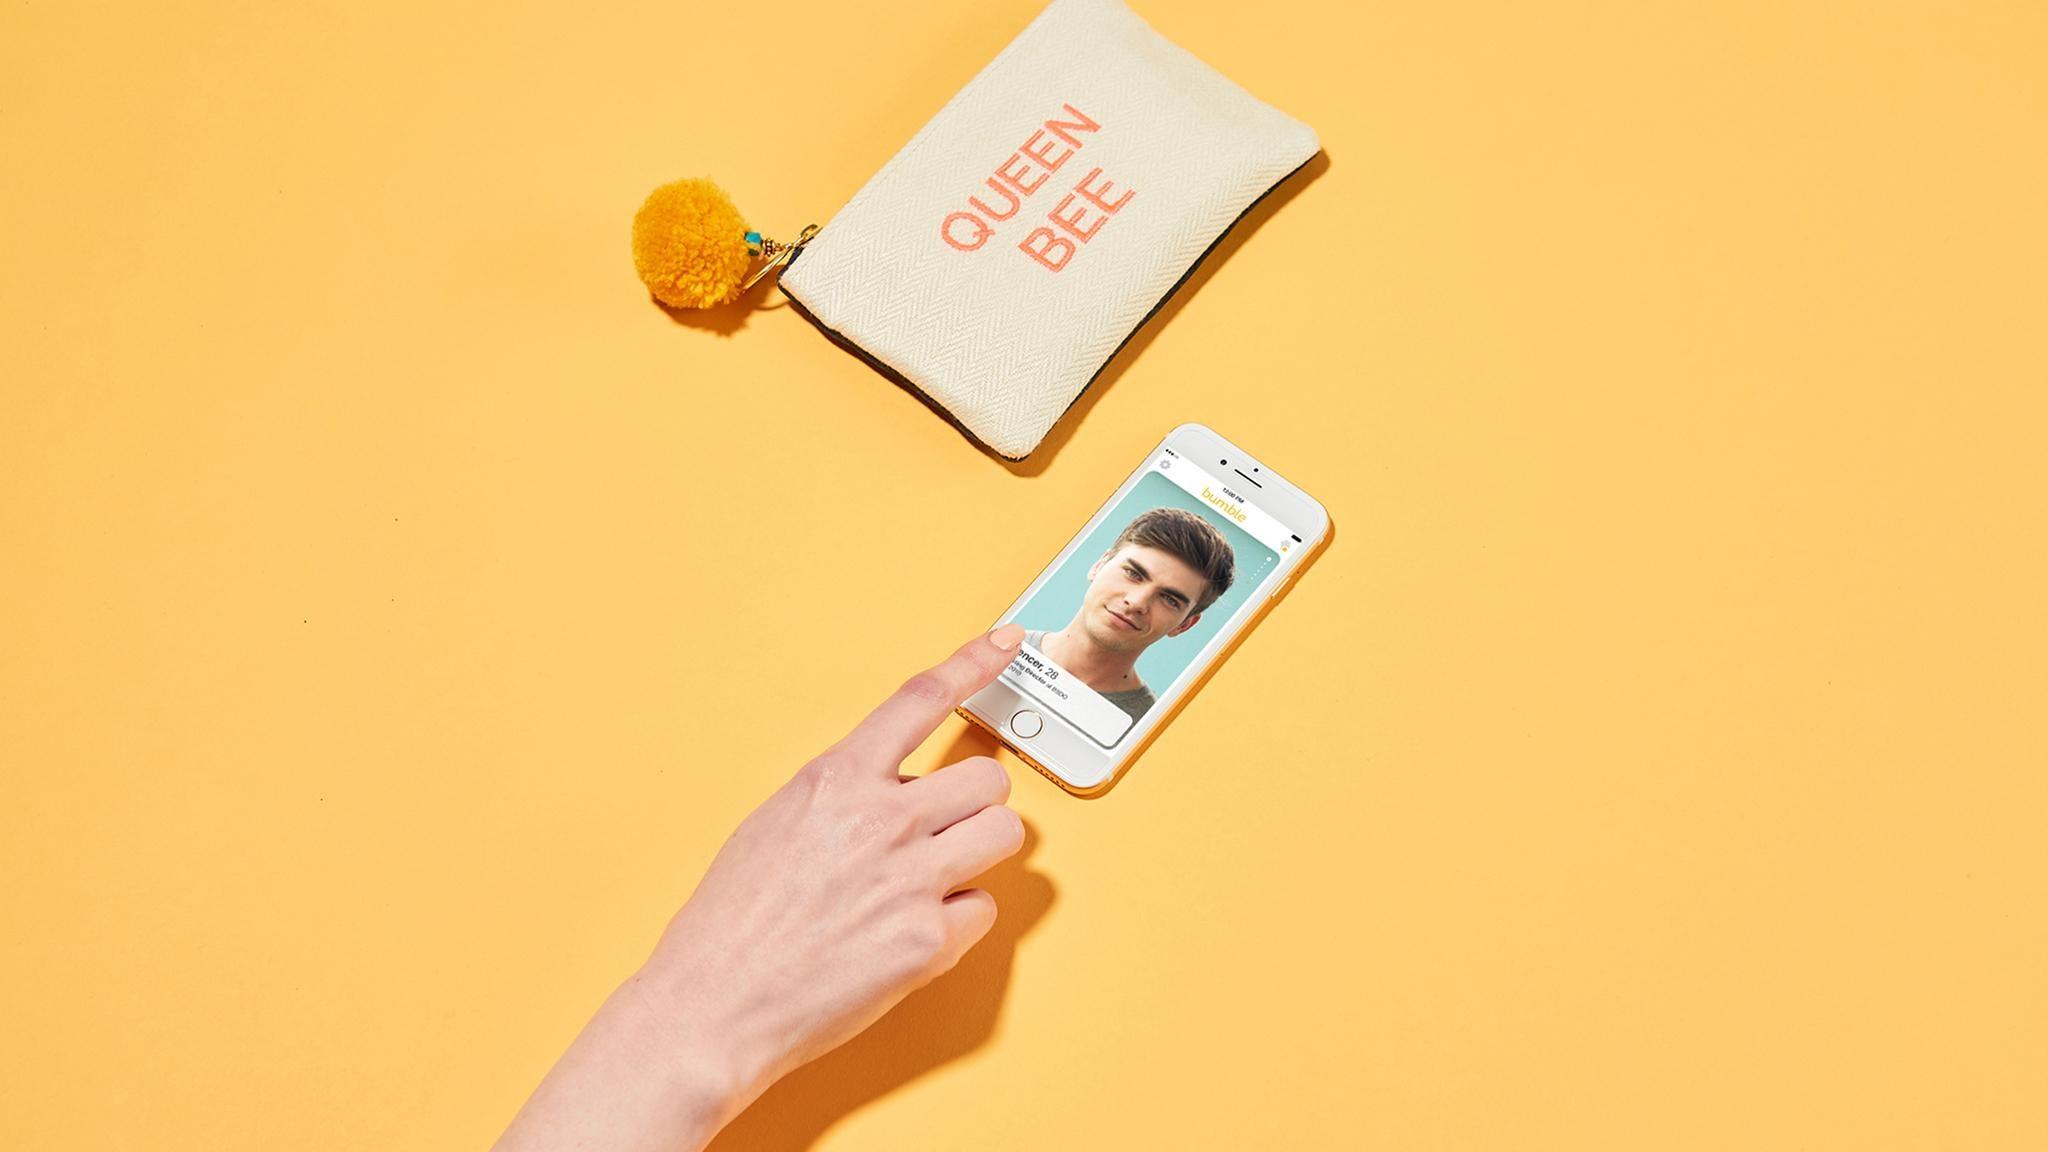 Hur man förklarar online dating till dina föräldrar